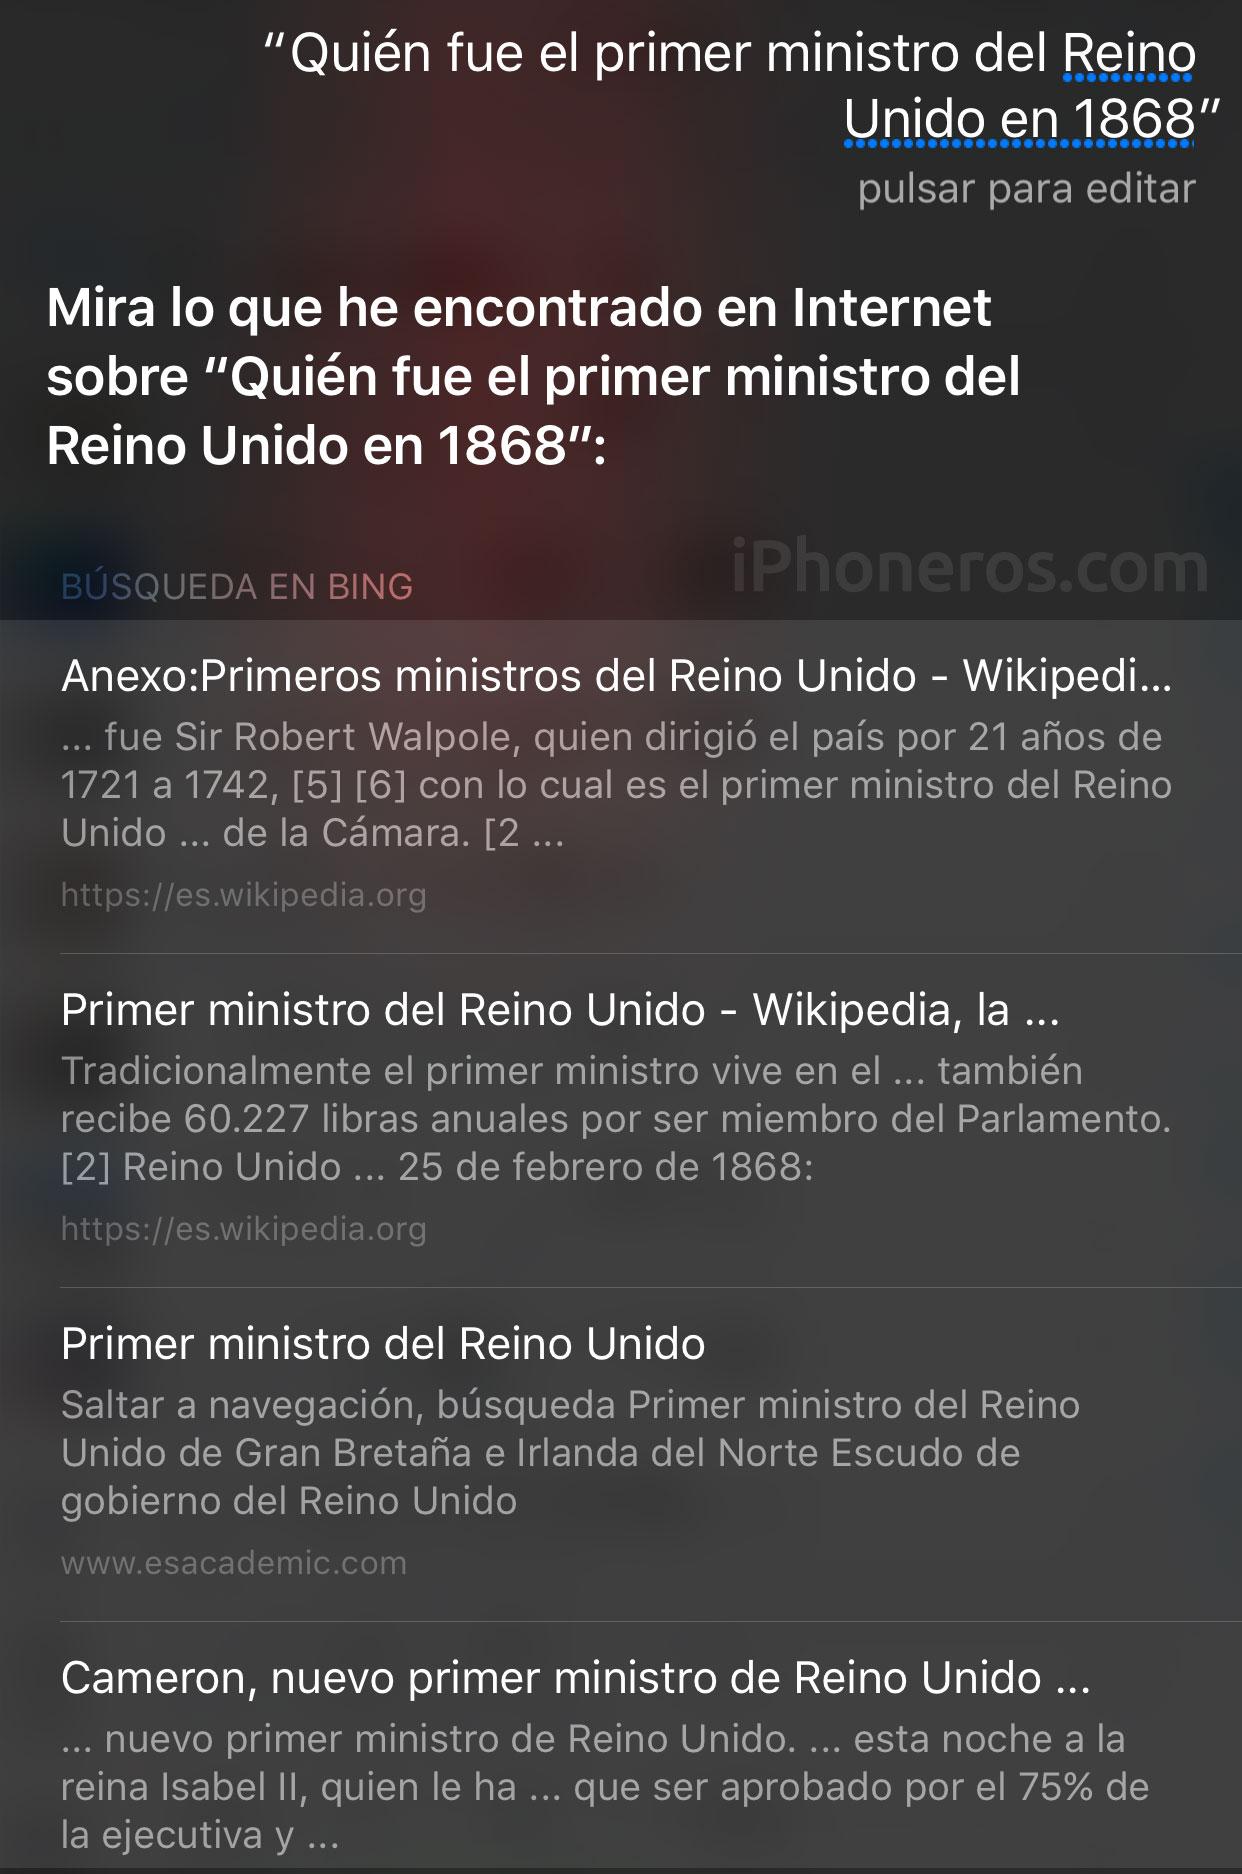 Siri no sabe quién fue el primer ministro del Reino Unido en 1868